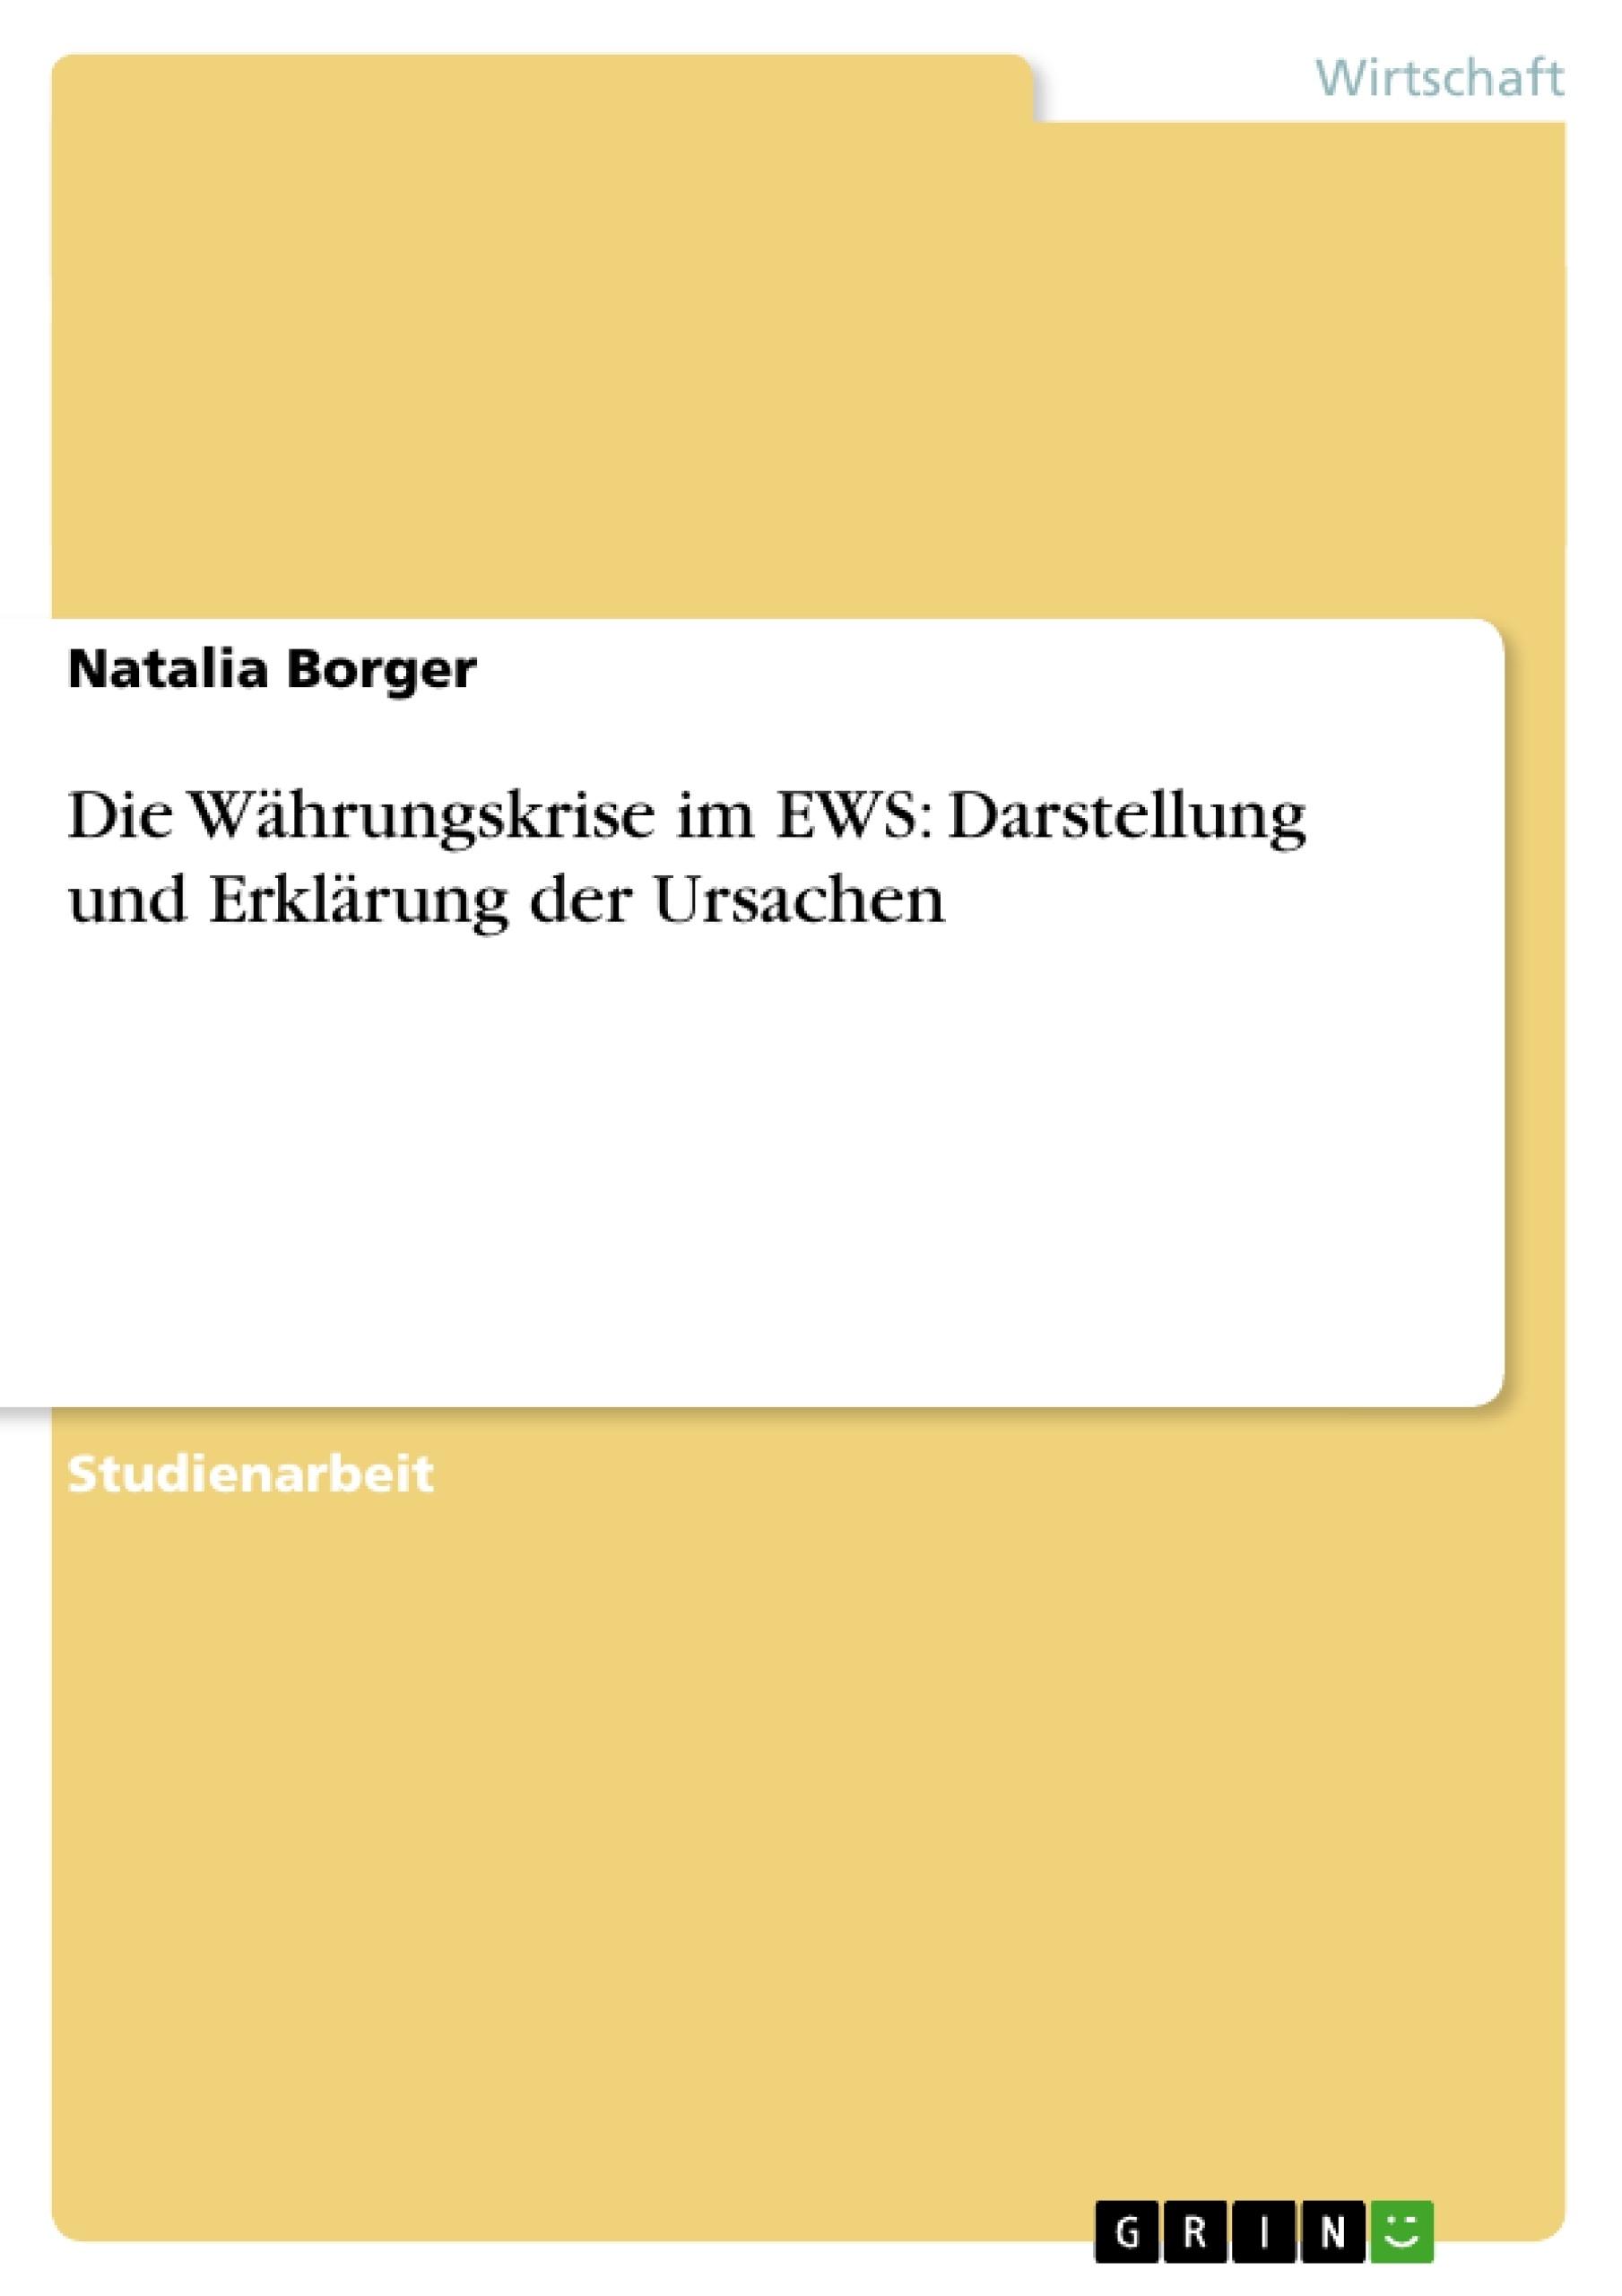 Titel: Die Währungskrise im EWS: Darstellung und Erklärung der Ursachen